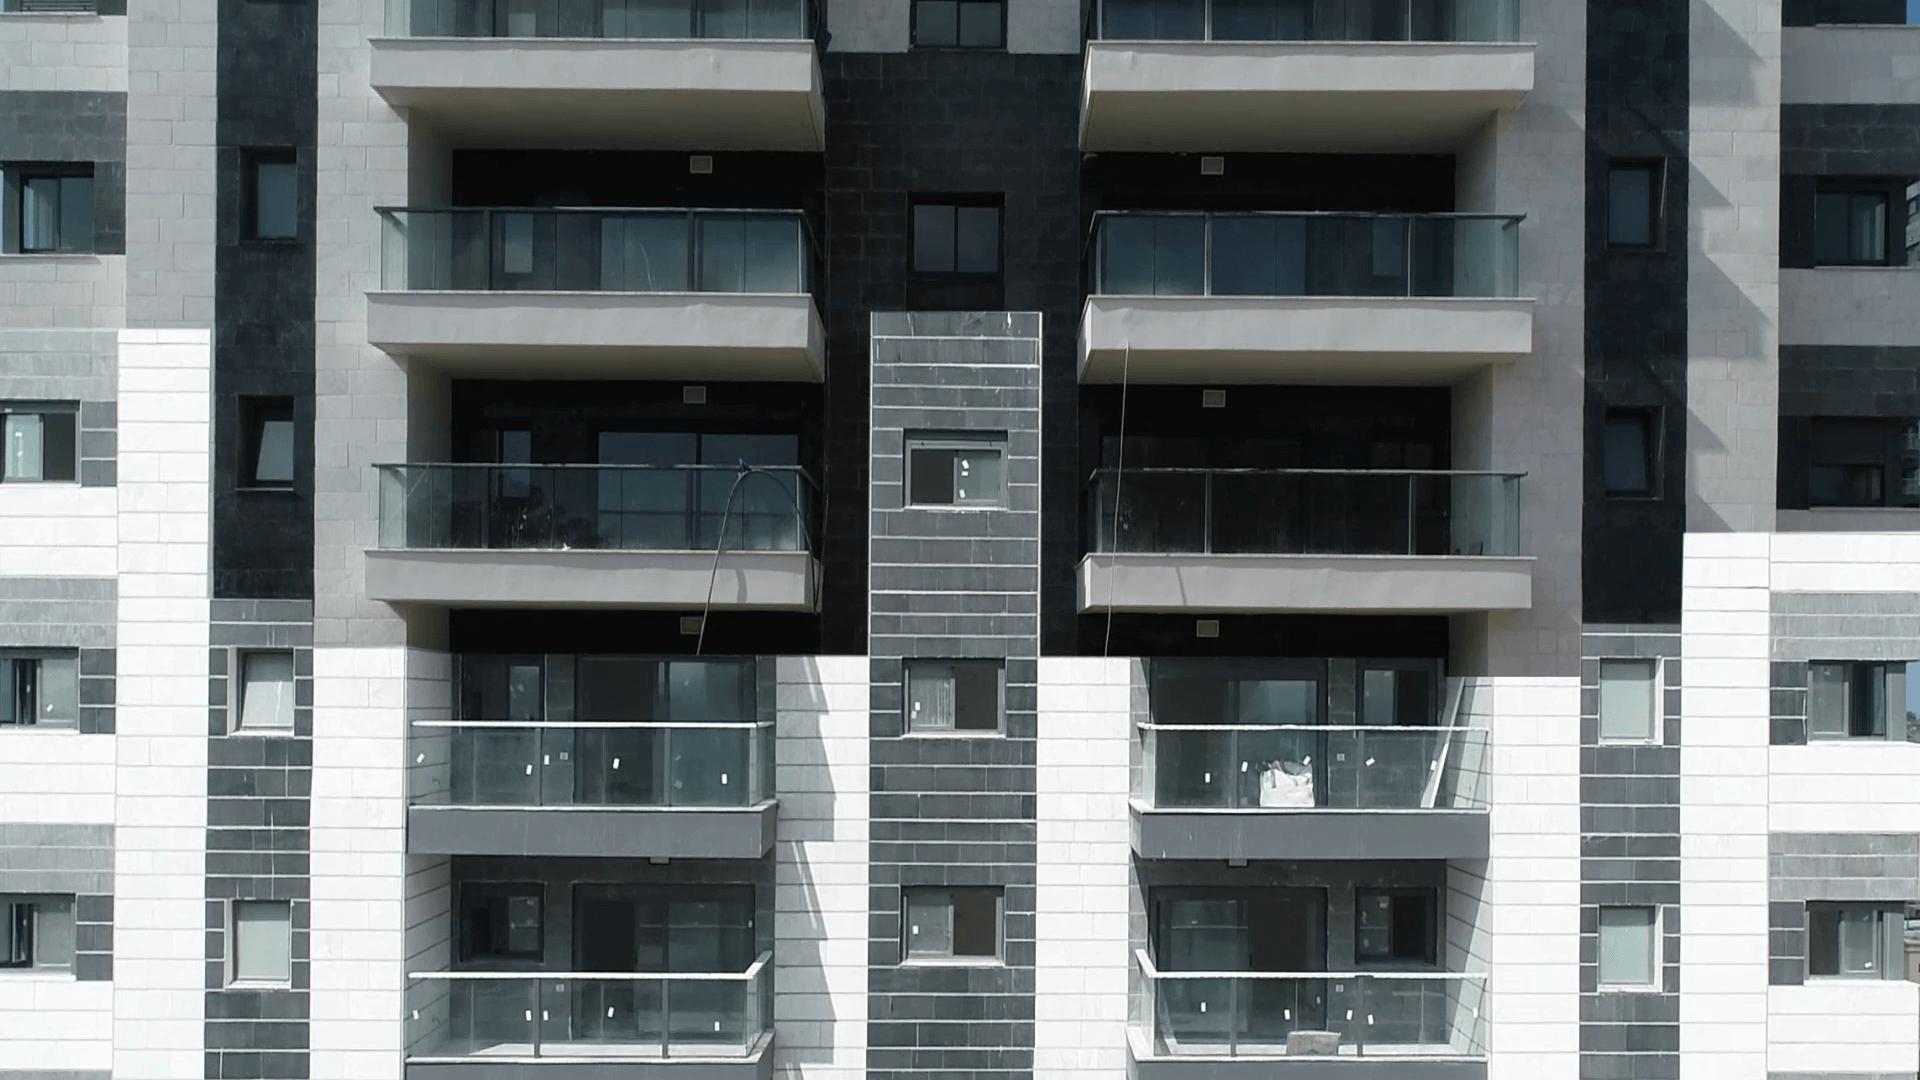 vlcsnap-2019-02-16-16h49m44s021